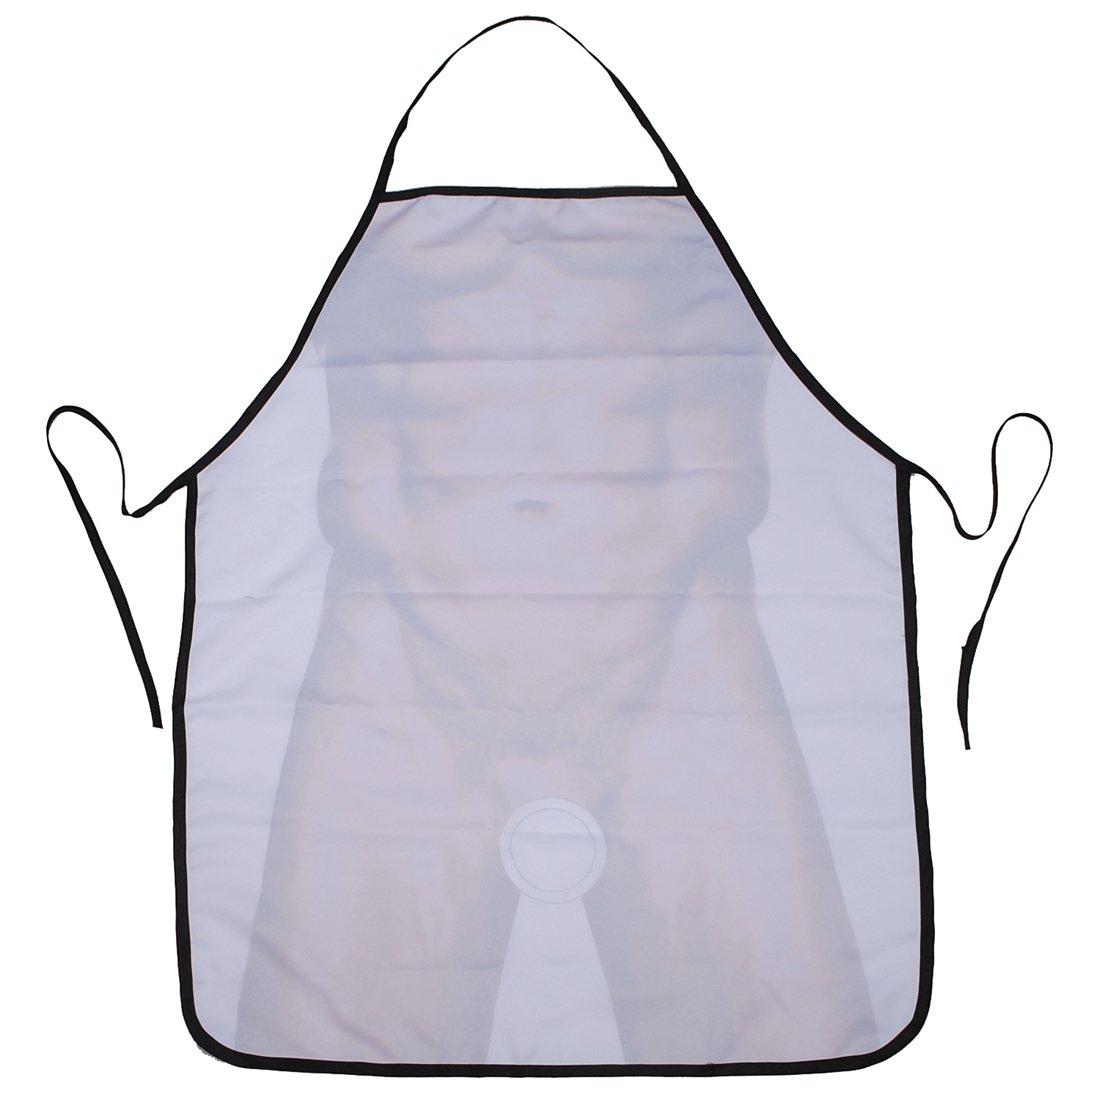 White apron amazon.ca - Novelty Funny Apron Sexy Naked Muscle Men Cotton Fun Party Kitchen Gag Gift Amazon Ca Home Kitchen